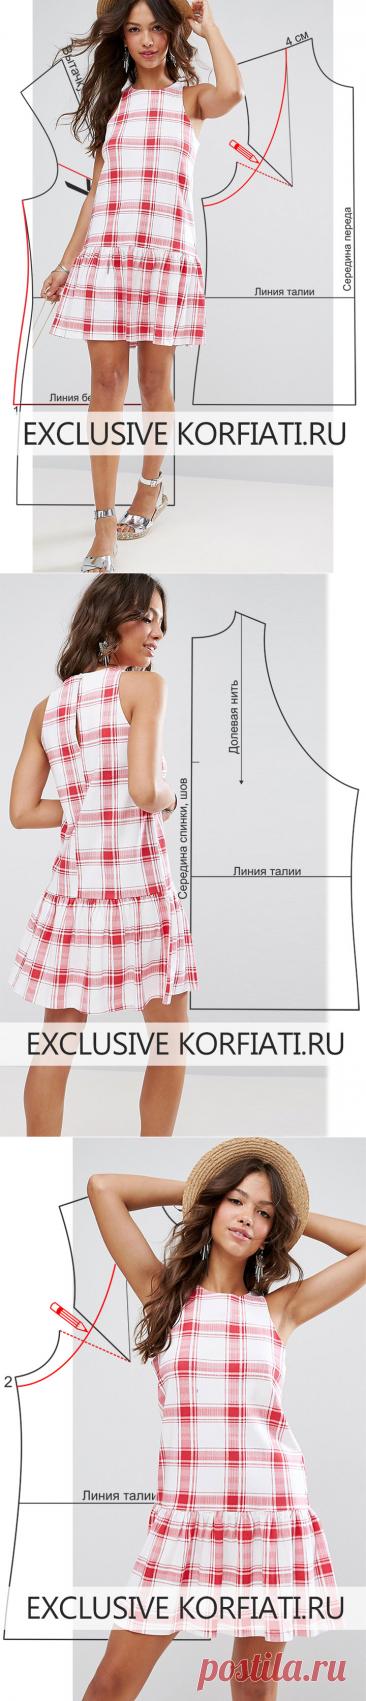 Dress pattern with a frill from Anastasia Korfiati